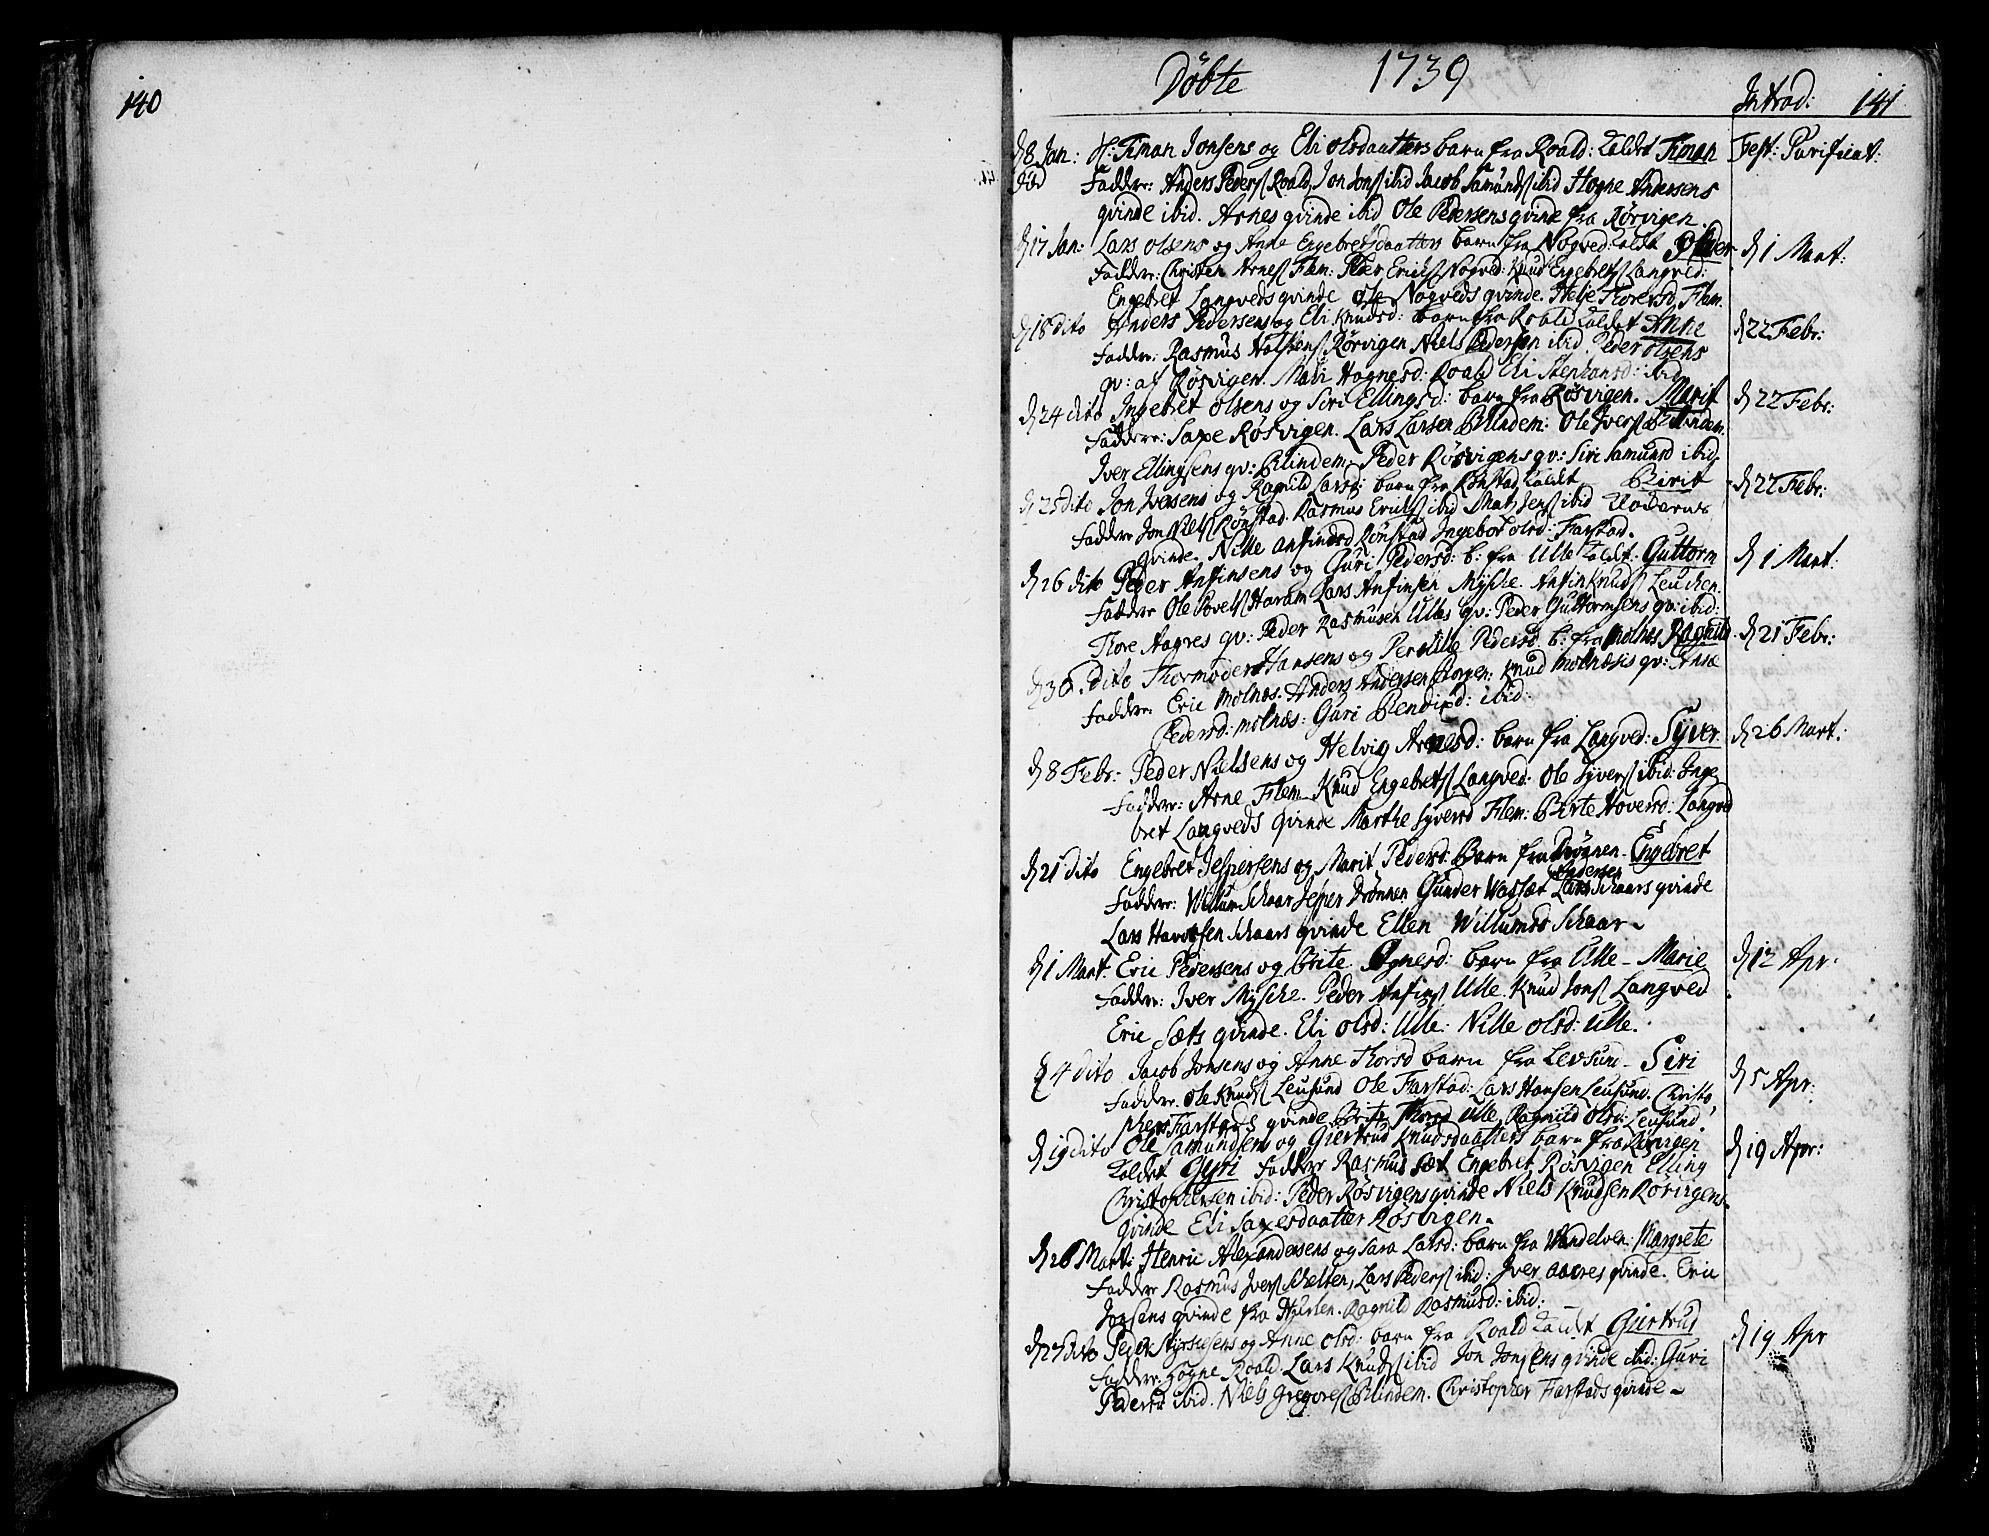 SAT, Ministerialprotokoller, klokkerbøker og fødselsregistre - Møre og Romsdal, 536/L0493: Ministerialbok nr. 536A02, 1739-1802, s. 140-141